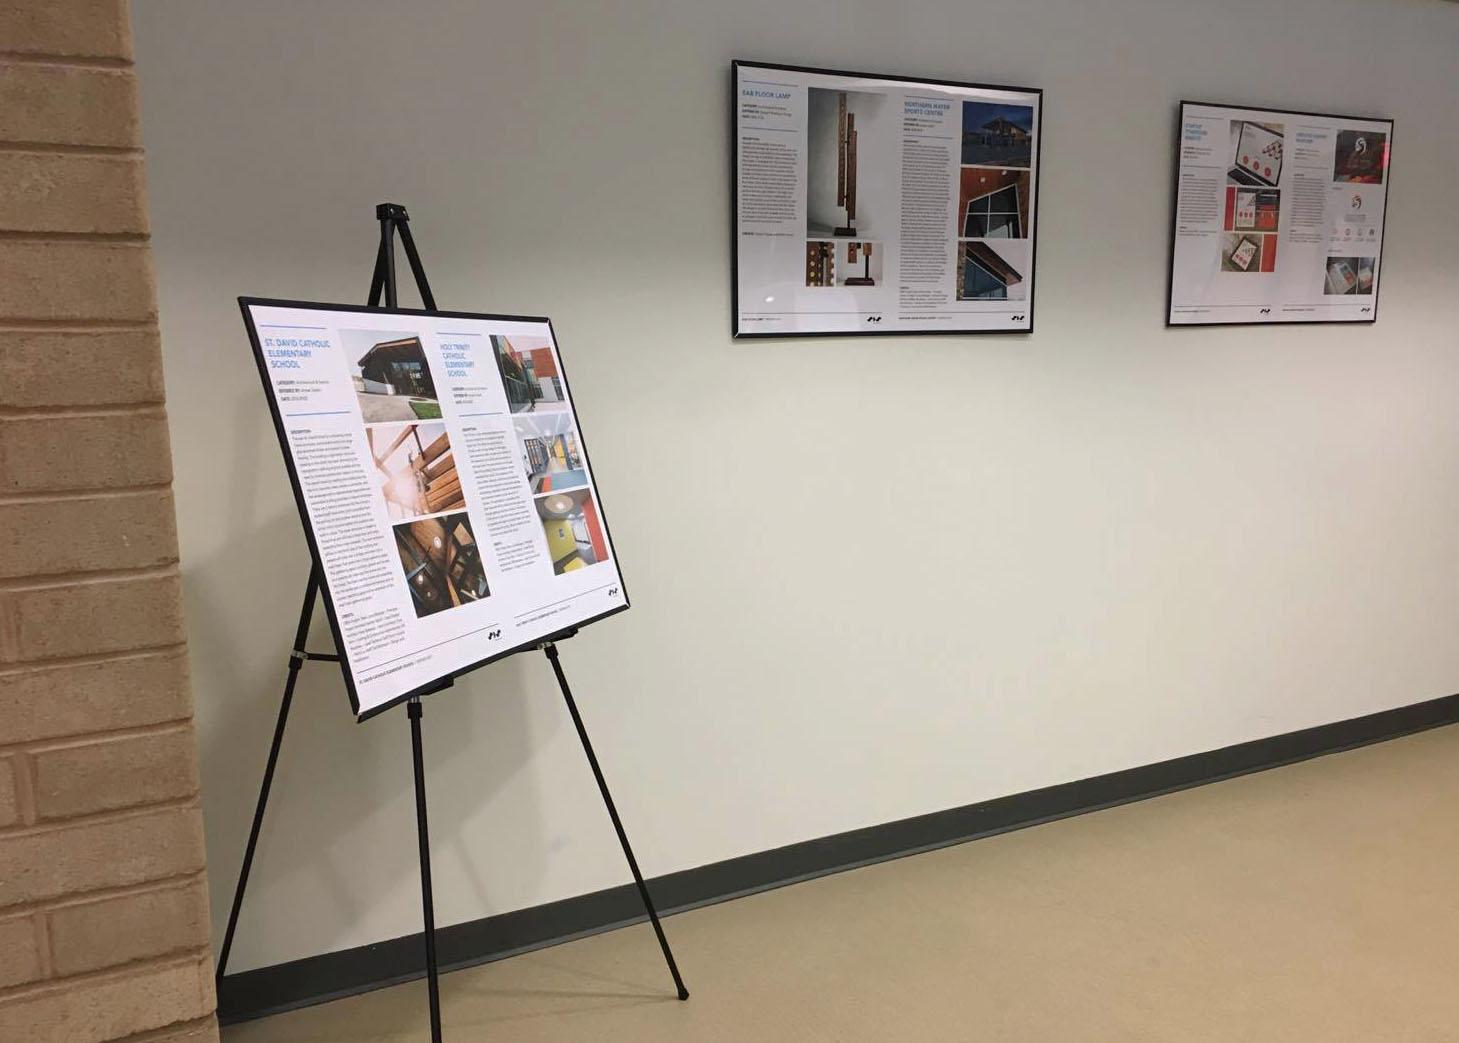 library-exhibit3.jpg